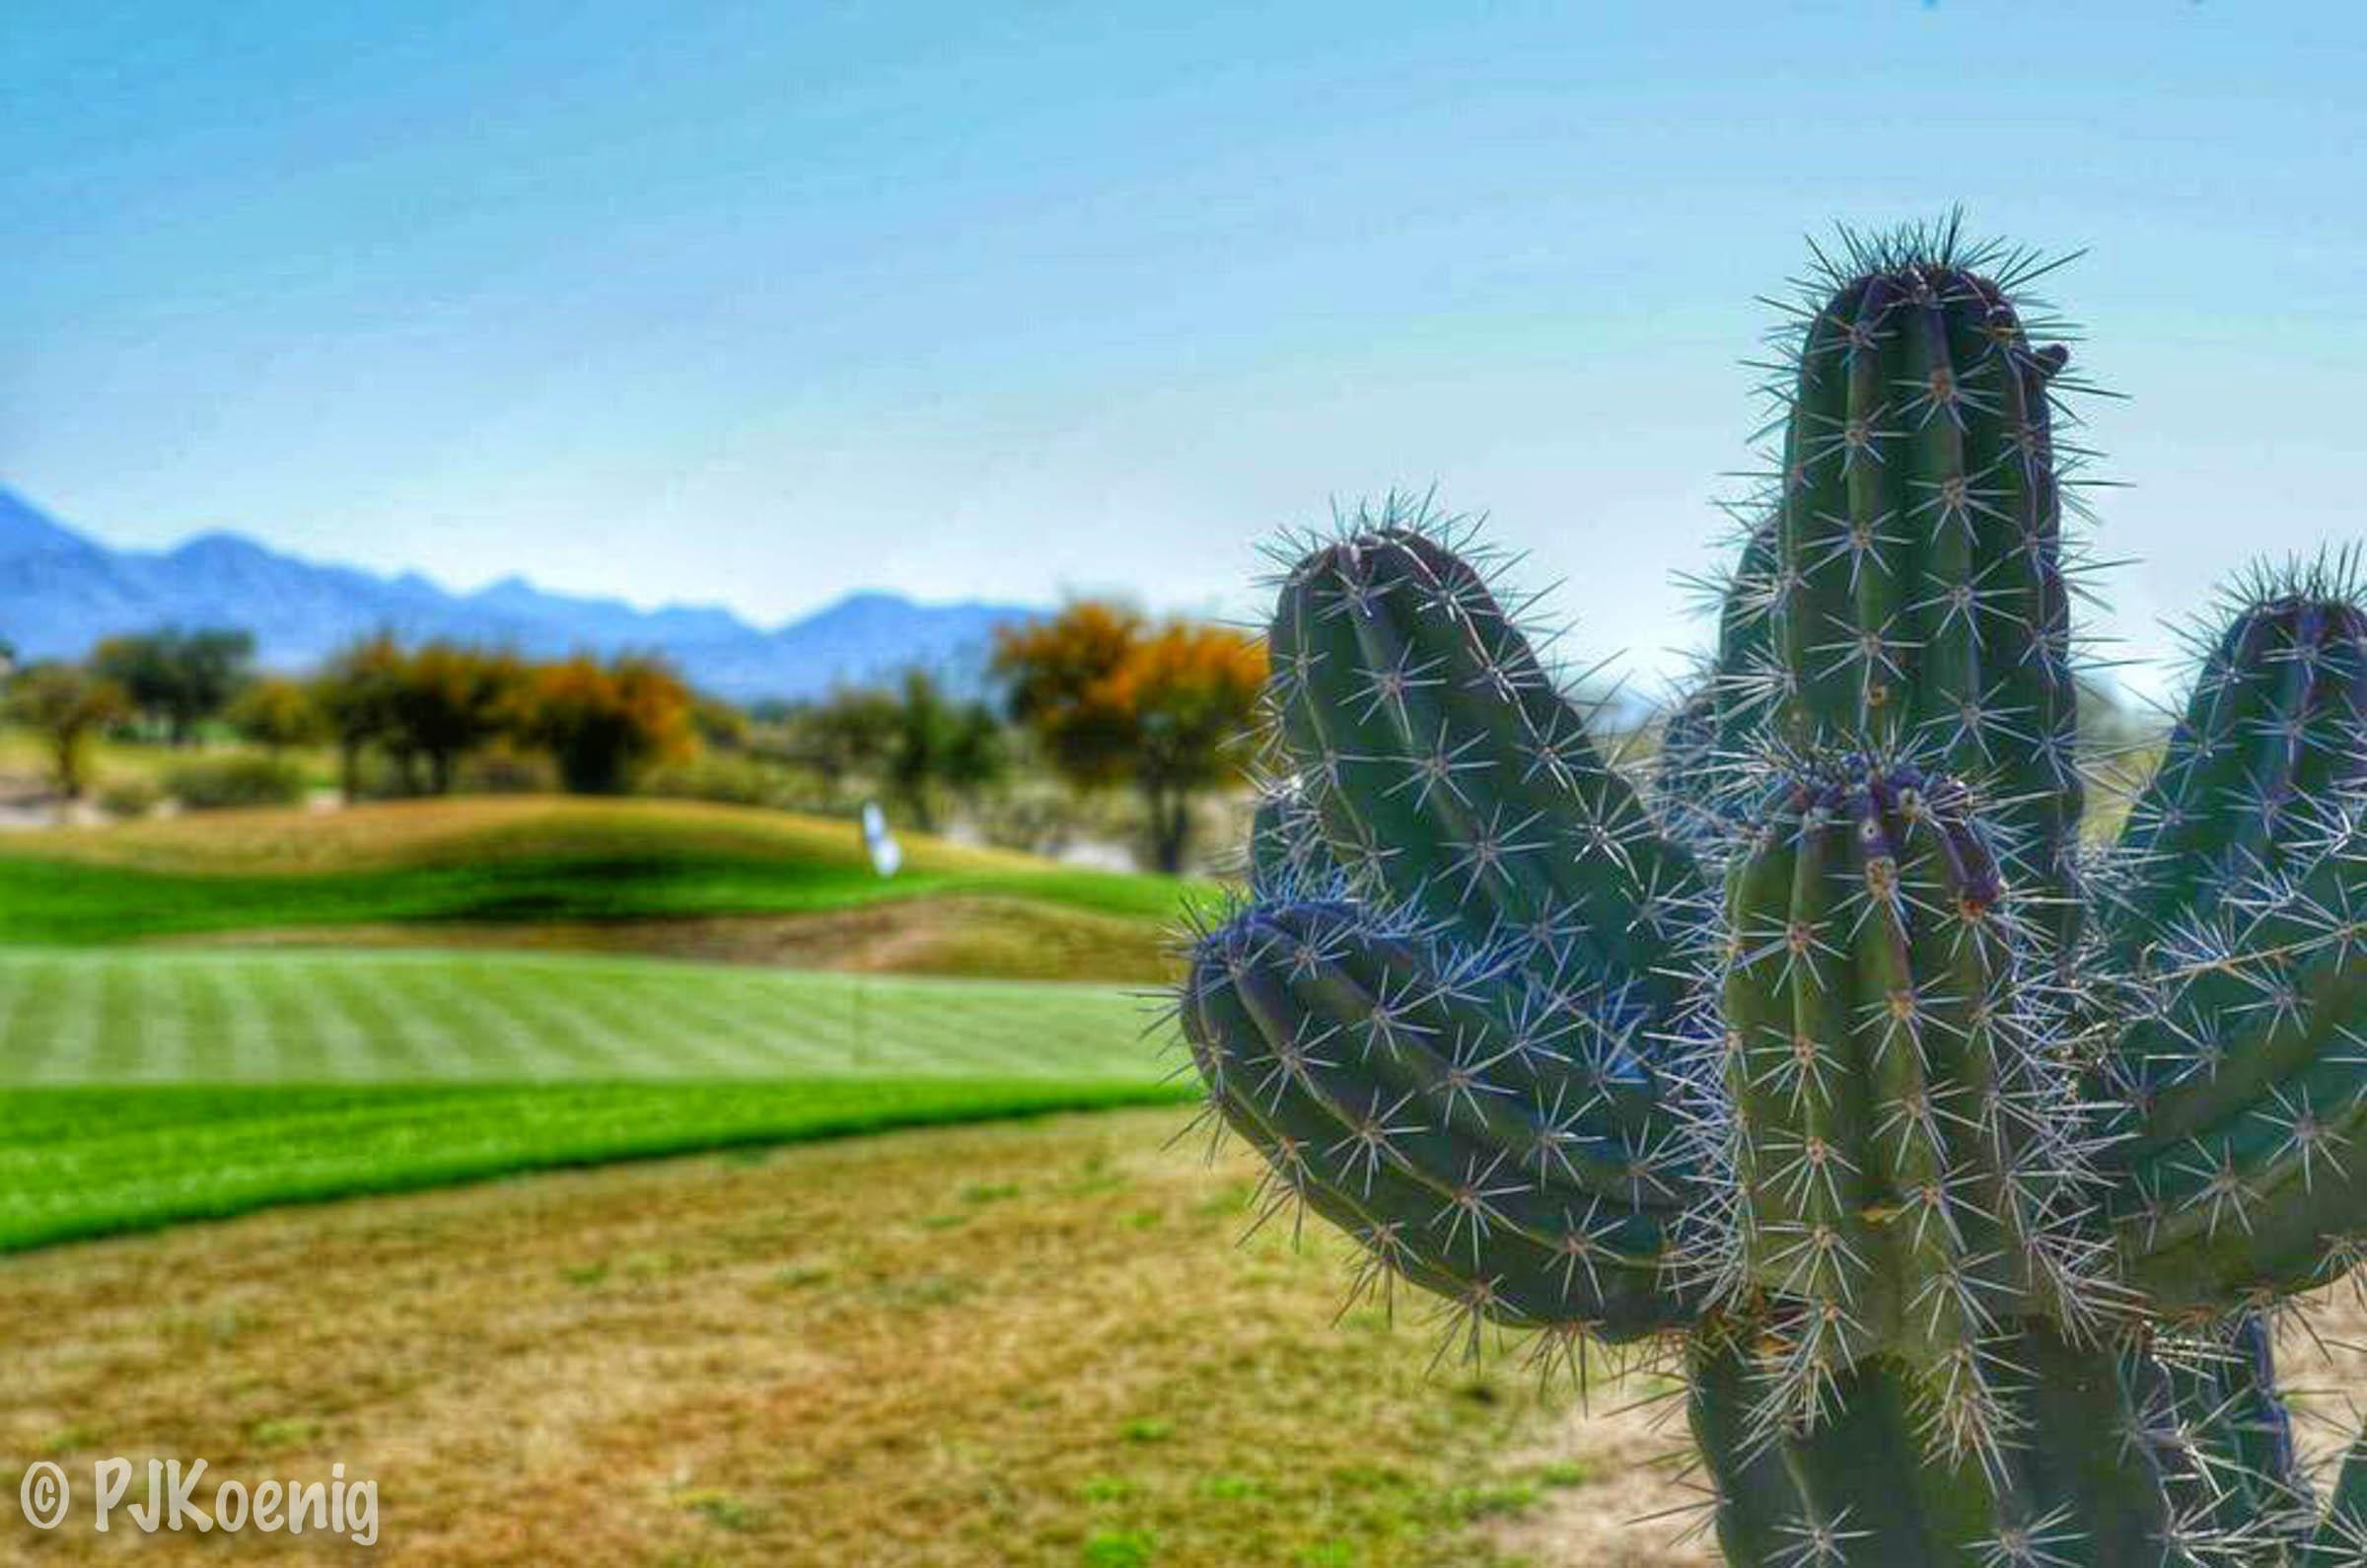 TPC Scottsdale - Scottsdale, AZ